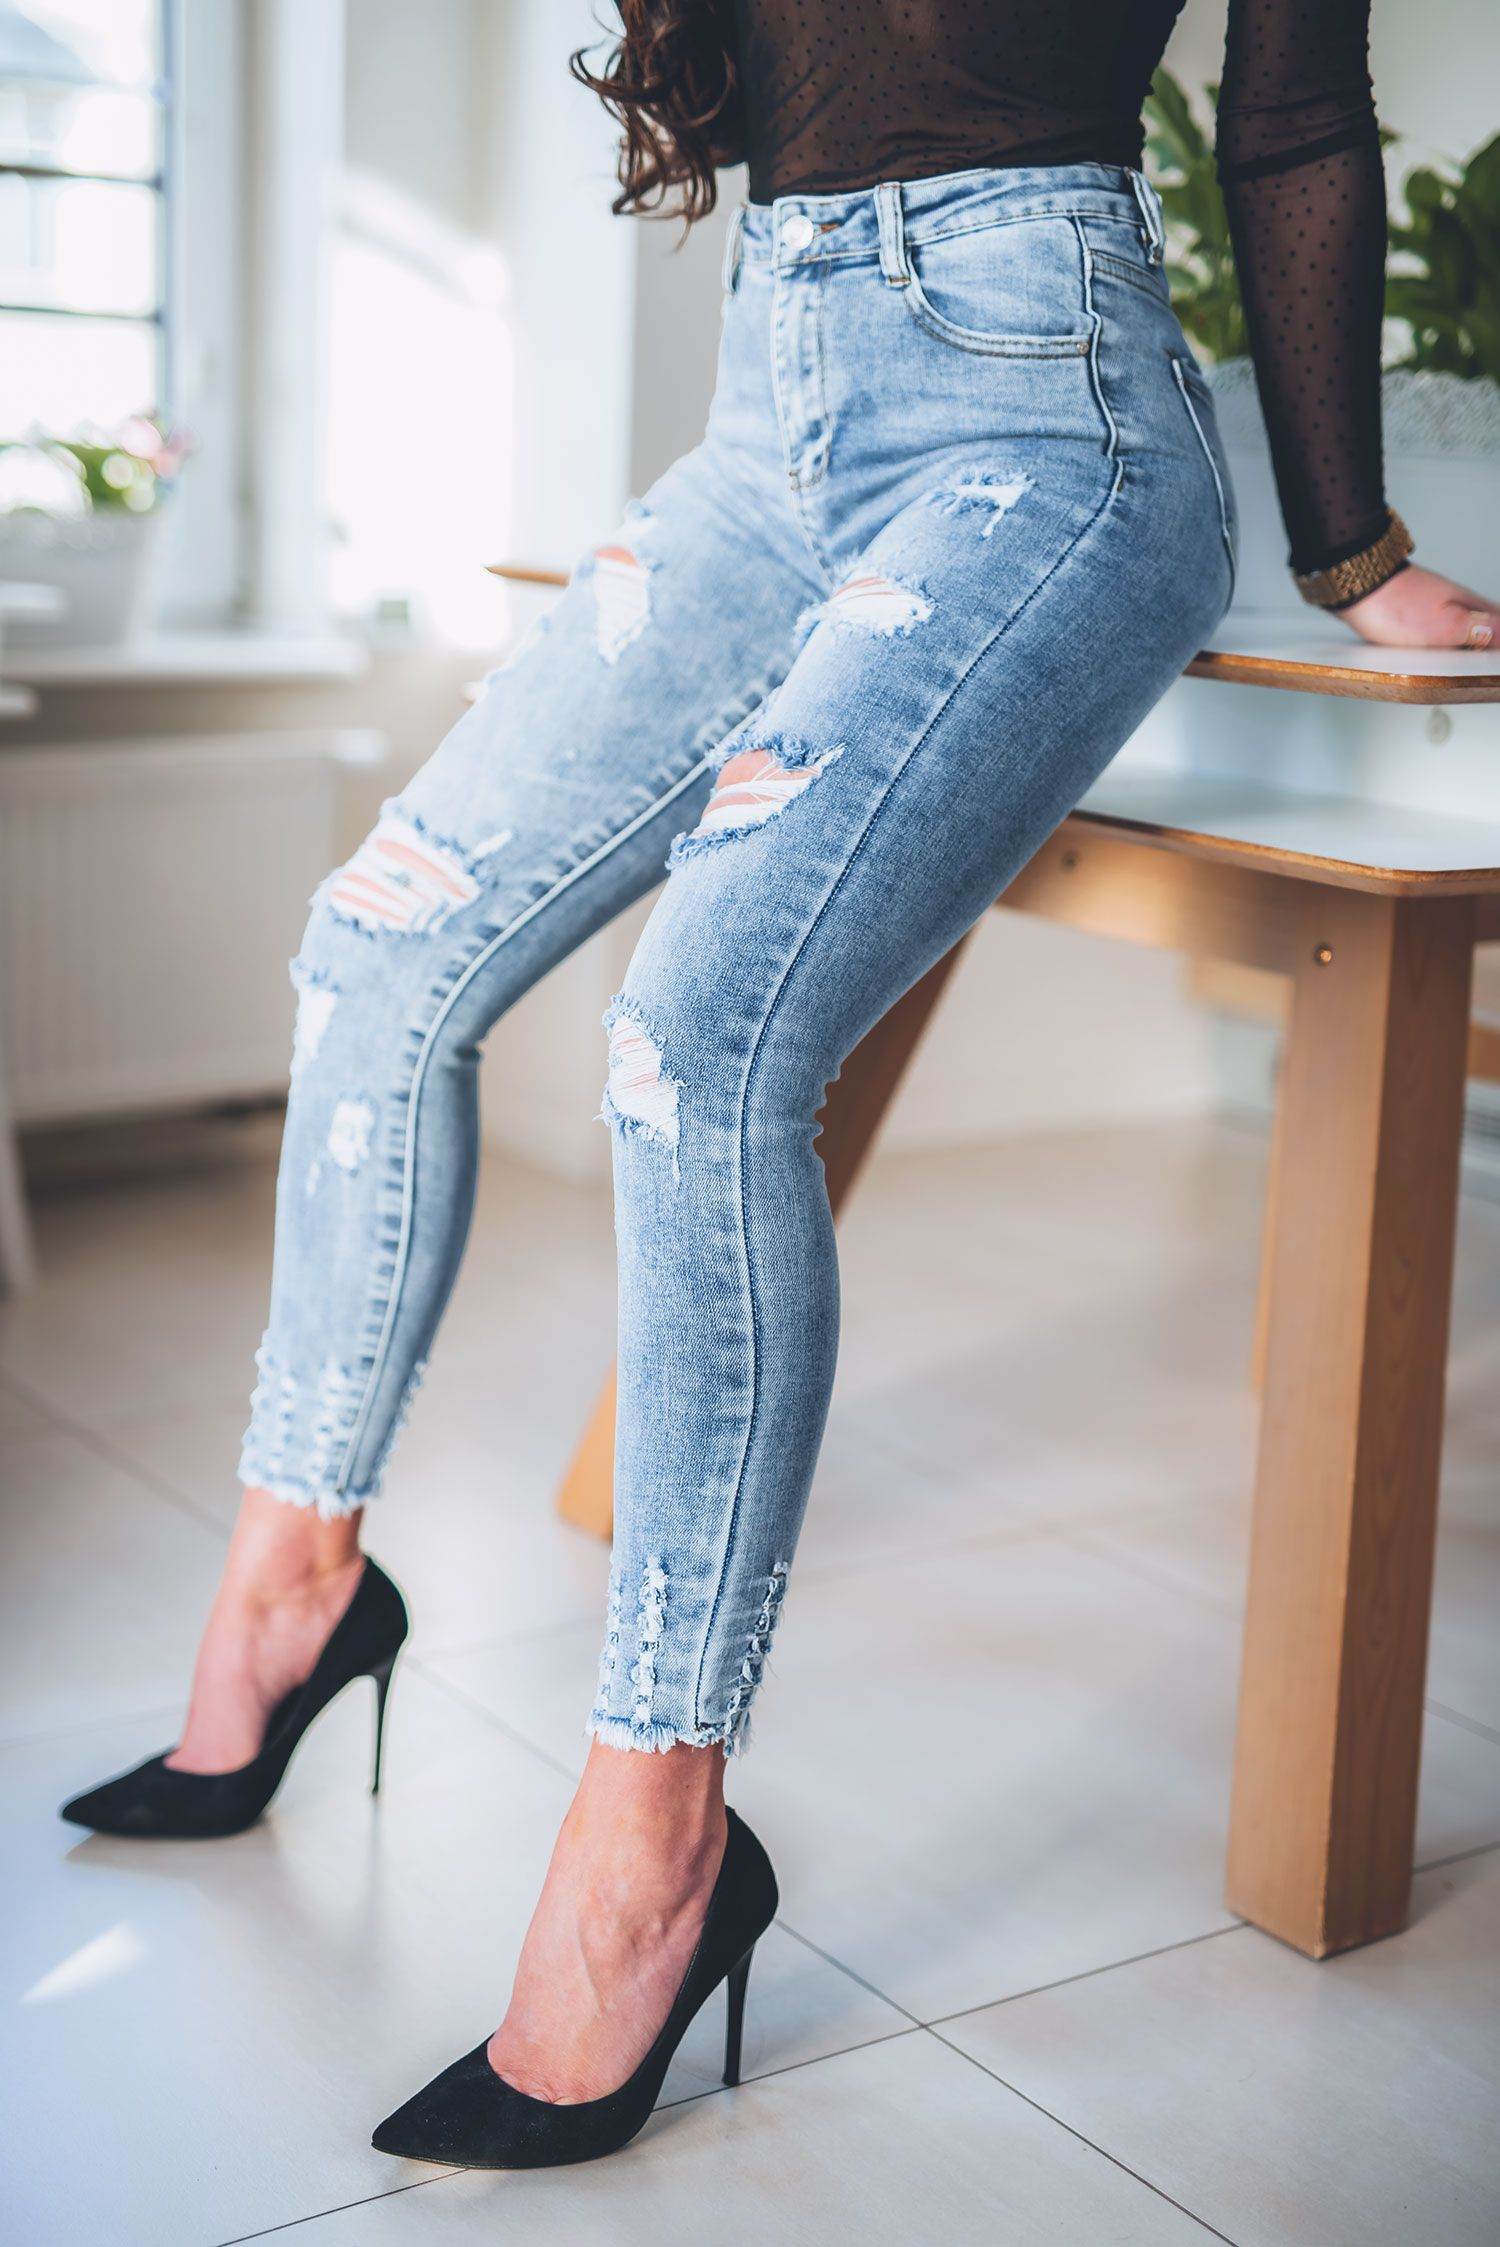 Z315 Jasne Spodnie Jeansowe Dekatyzowane Rurki Z Dziurami Rozmiar Xs S M L Xl Skinny Jeans Fashion Capri Pants